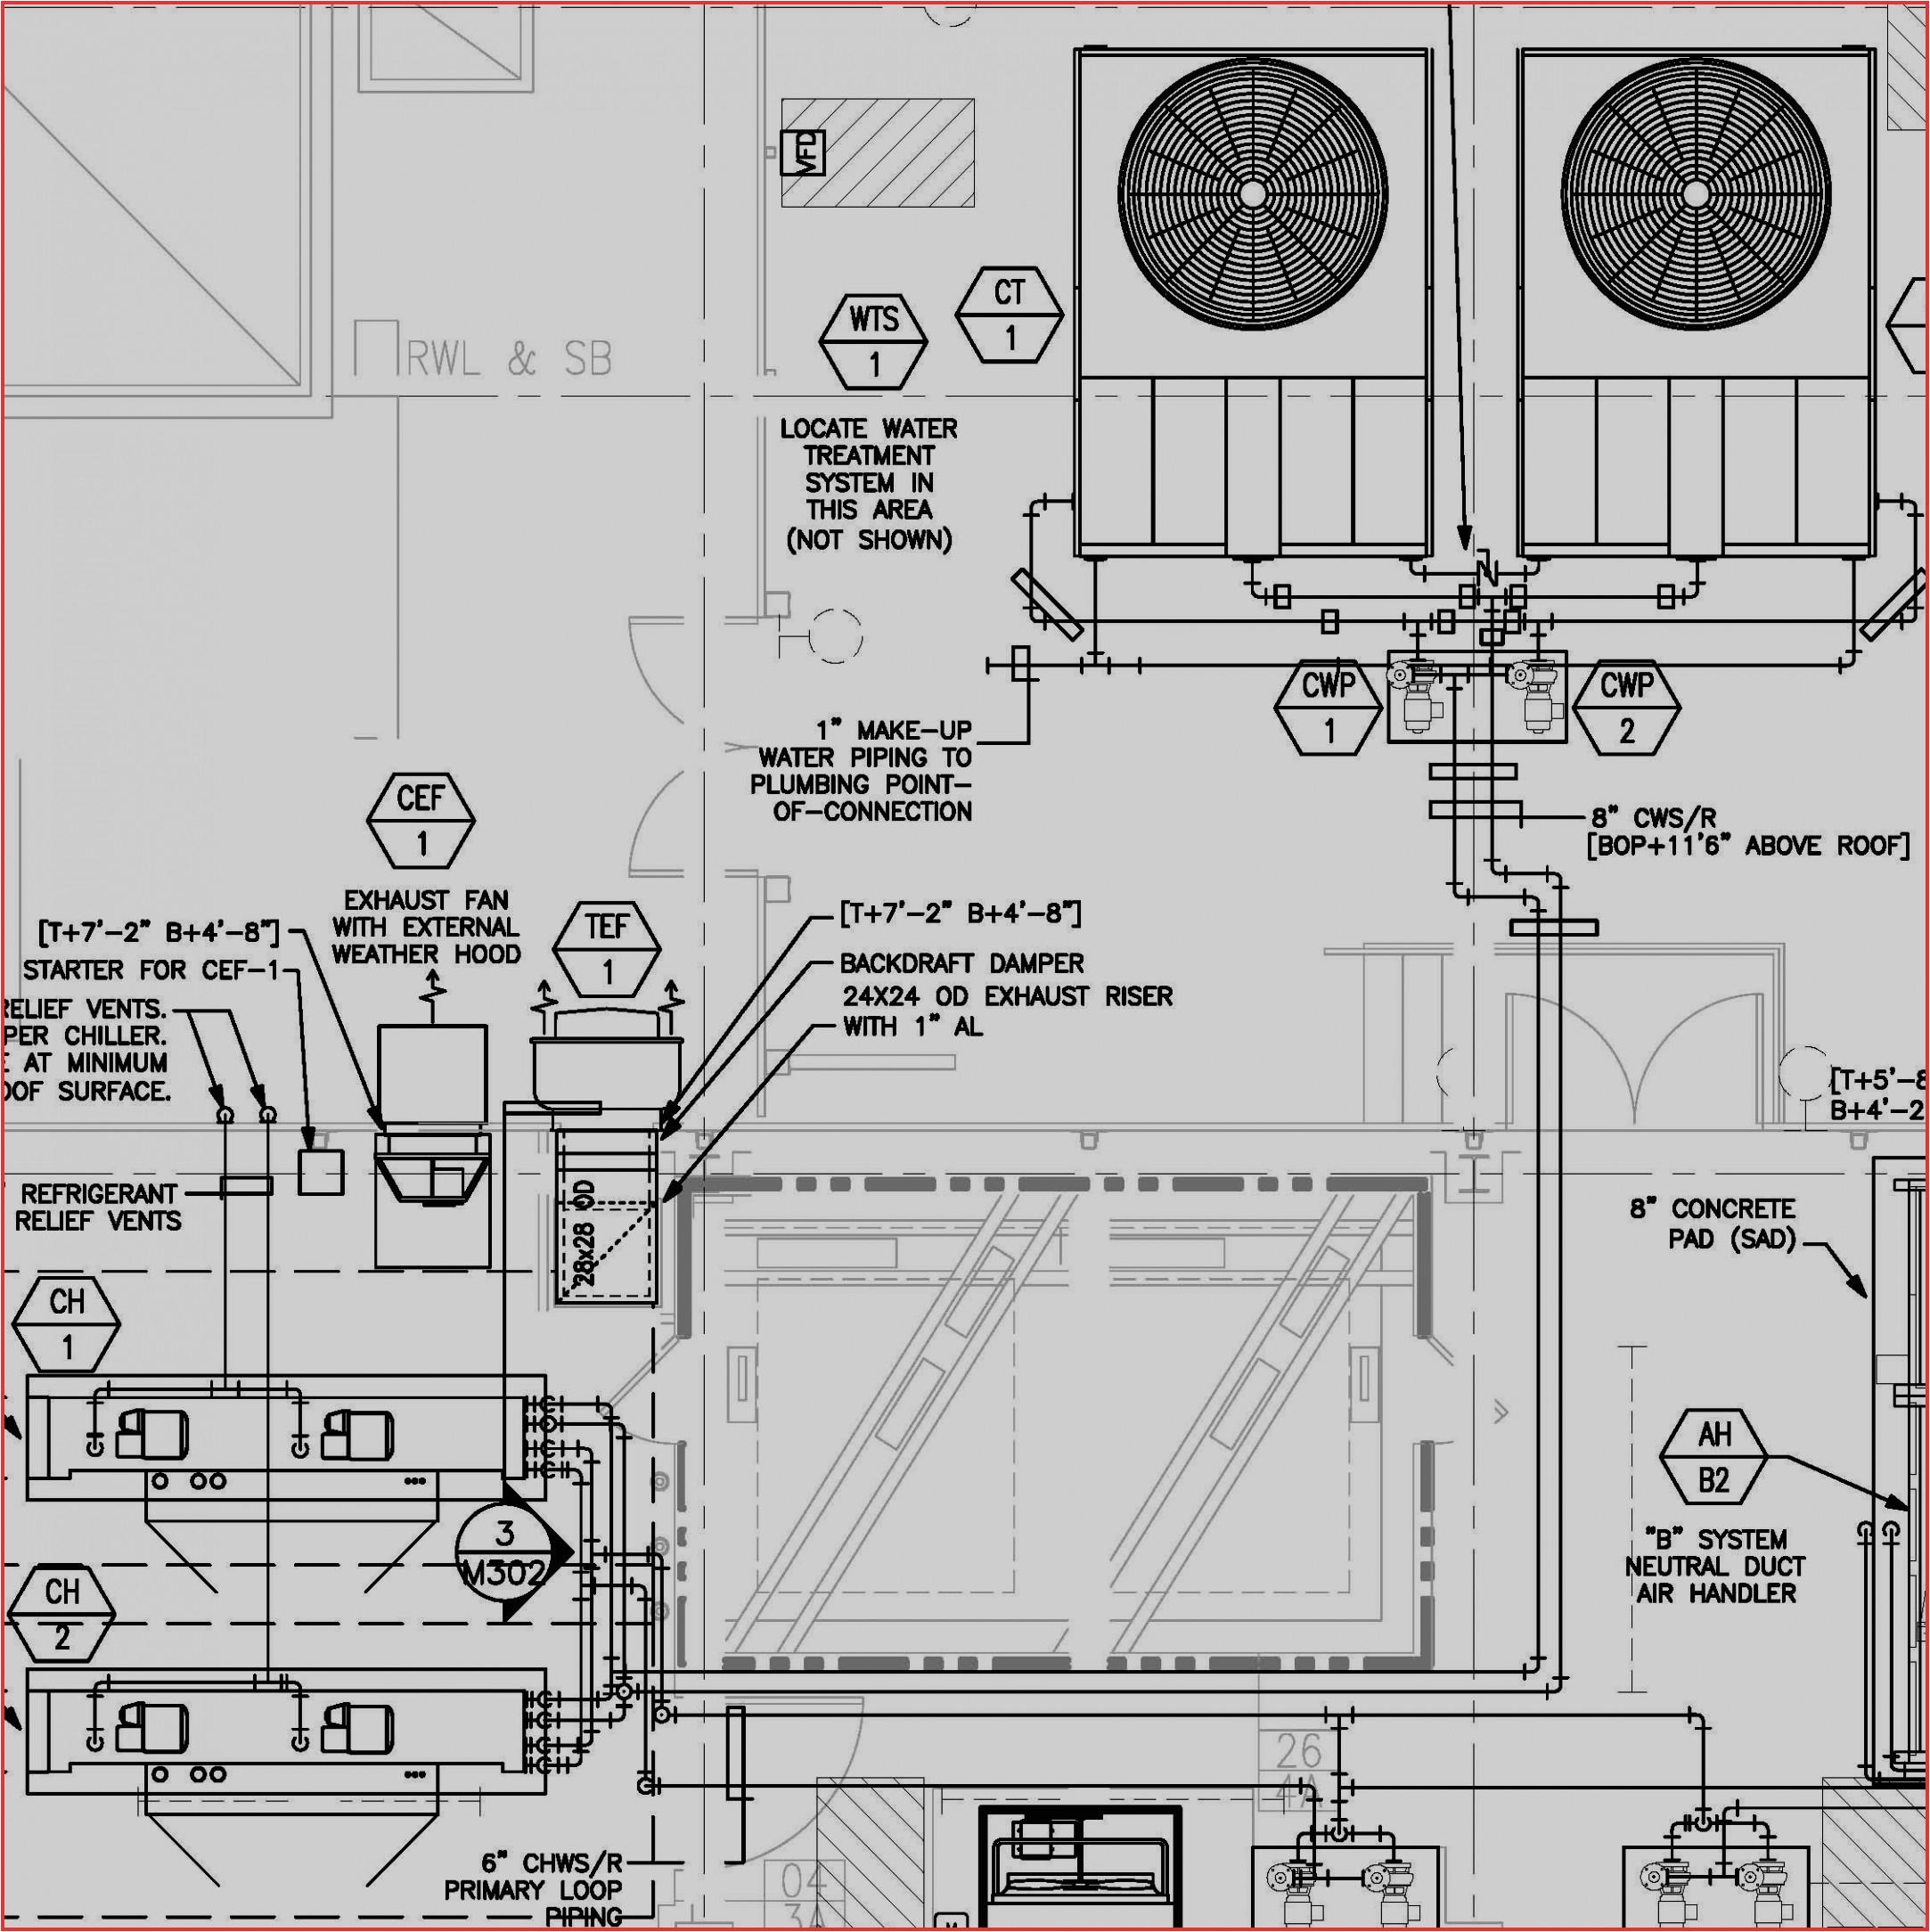 isuzu 2 8 wiring diagram wiring diagram expert isuzu 2 8 wiring diagram